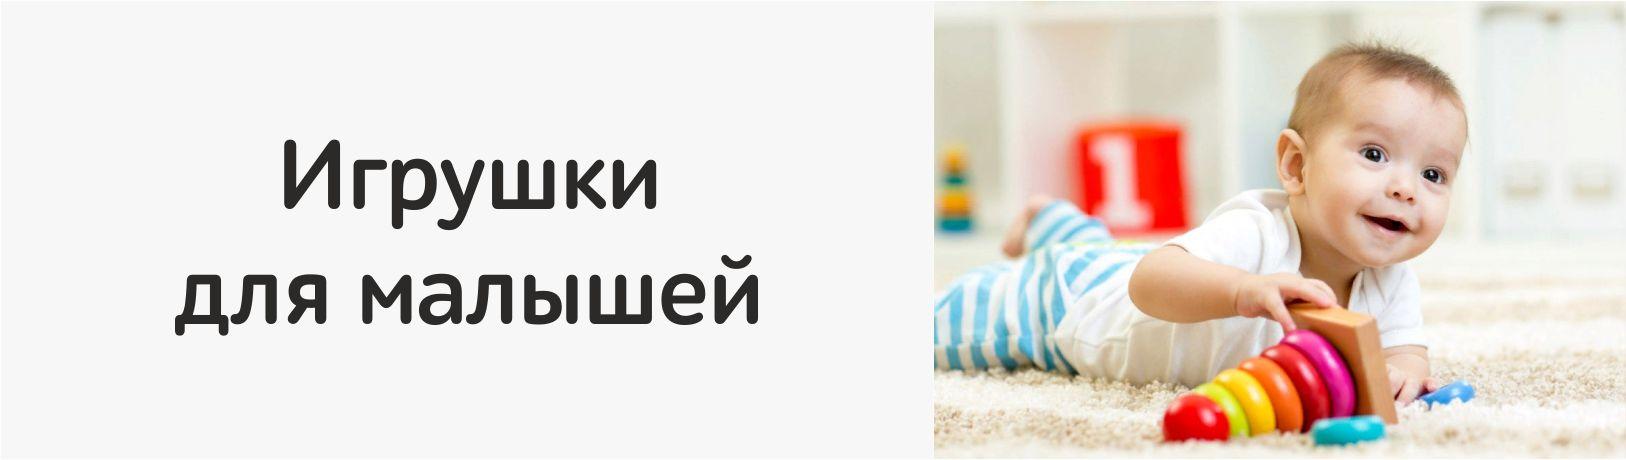 Детское питание, детские